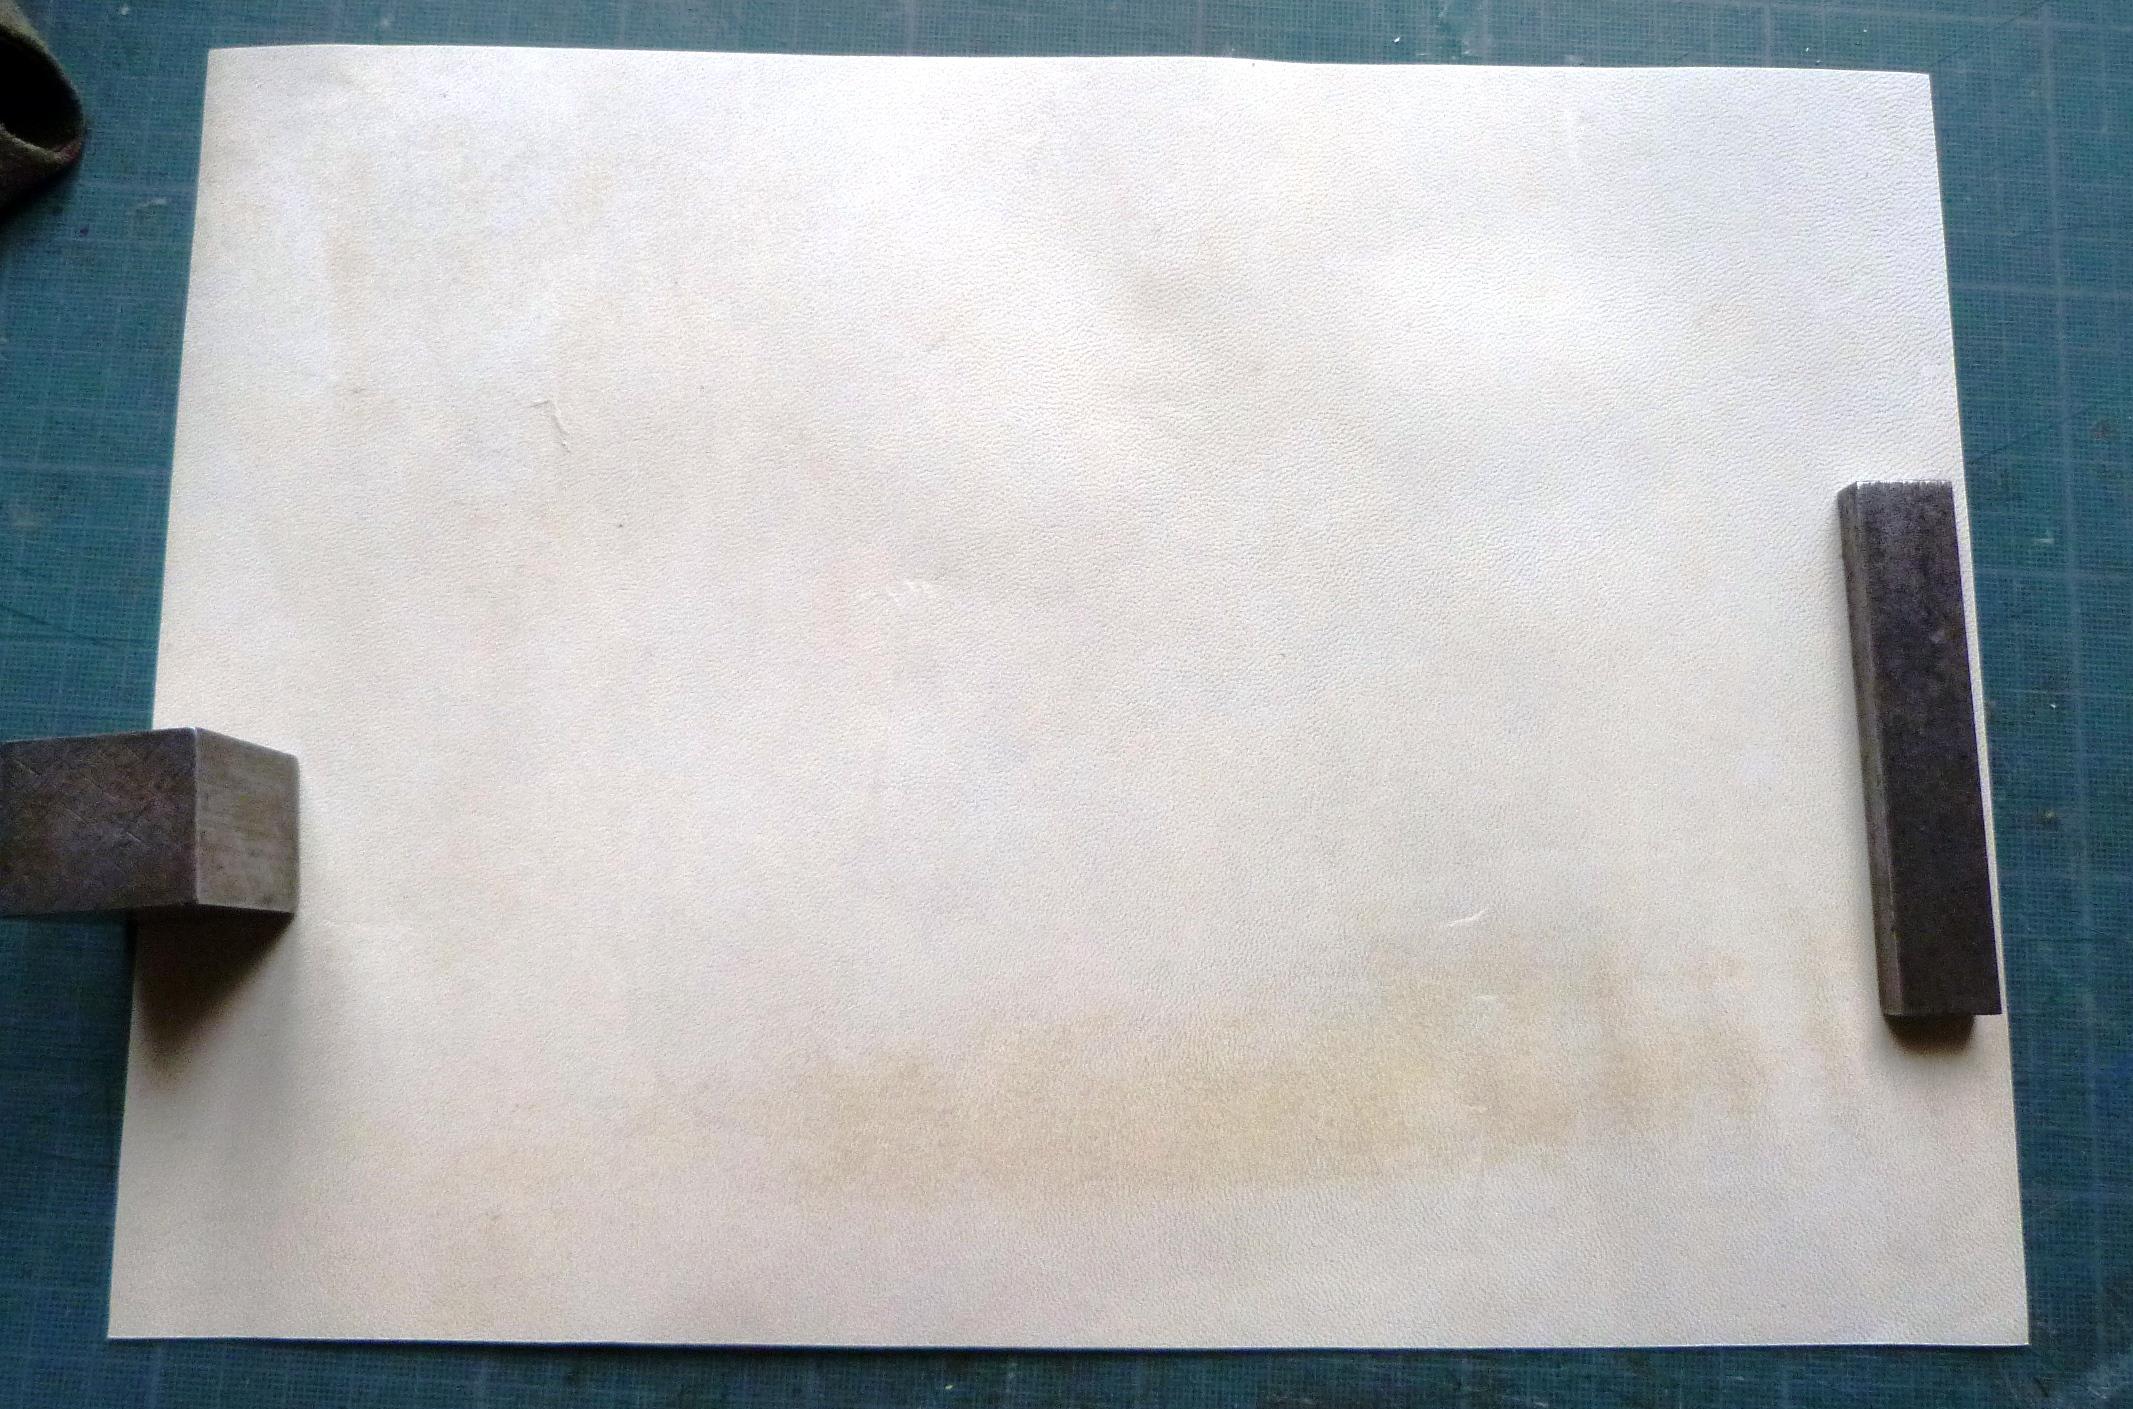 Incrustation de parchemin décoré à la photocopieuse, parchemin en A4.